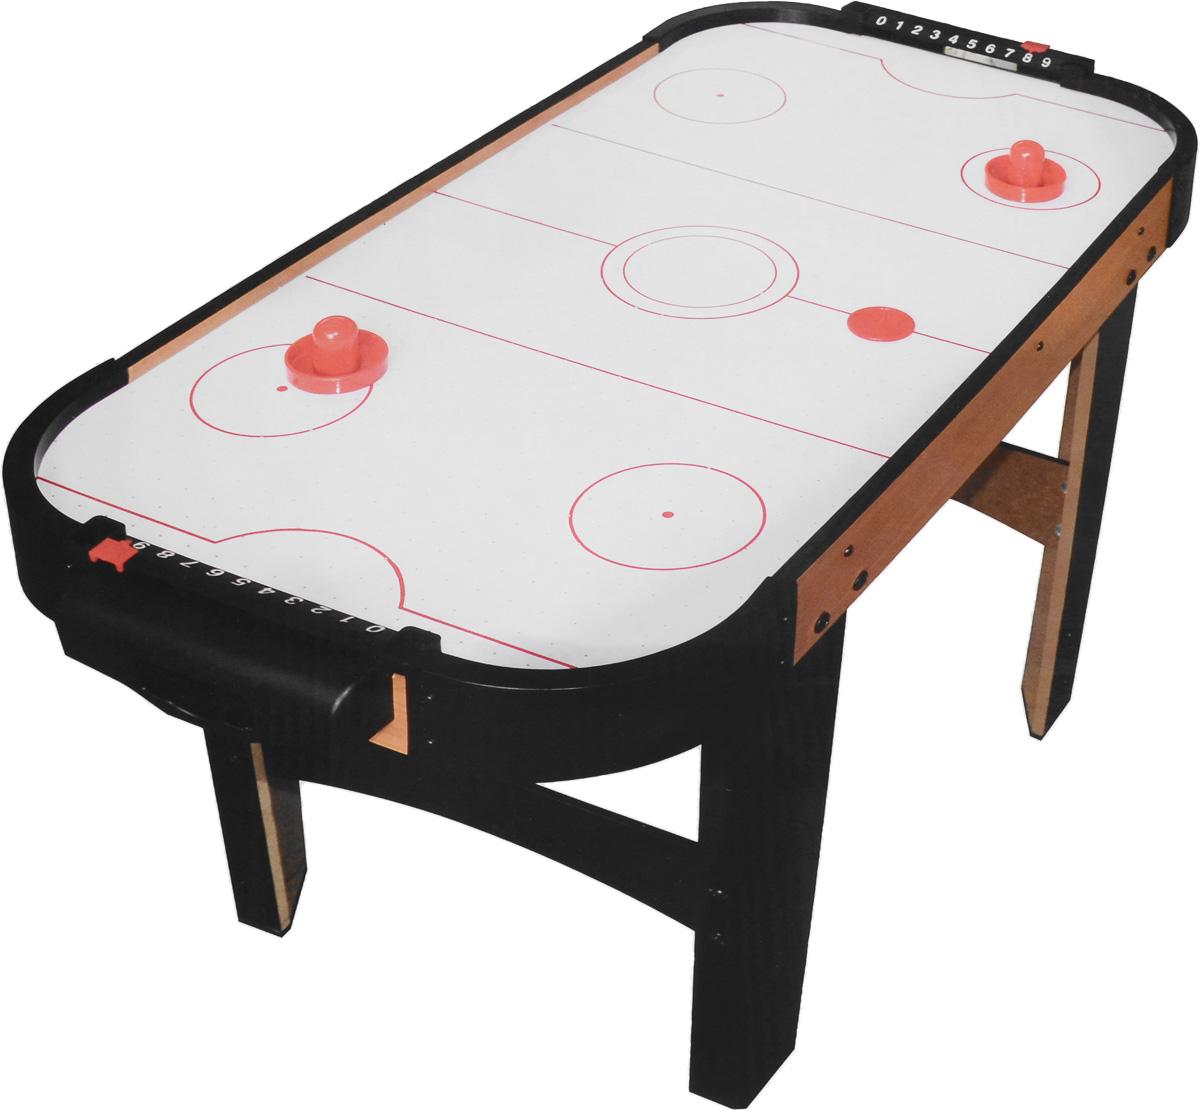 Huang Guan Аэрохоккей 20158H20158HНастольная игра Huang Guan Аэрохоккей состоит из игрового поля, двух ворот со счетчиками очков, двух шайб и двух бит. Аэрохоккей - увлекательная и активная игра. Участие в этой игре принимают два игрока. Цель игры - забить шайбу в ворота противника. Игровое поле представляет собой гладкую игровую поверхность, окруженную невысоким бортиком, предотвращающим падение шайбы и бит. Через небольшие дырочки на игровой поверхности создается циркуляция воздуха от работающего вентилятора, уменьшая трение и увеличивая тем самым скорость движения шайбы. Такой игровой набор станет прекрасным подарком и позволит приятно провести время в хорошей компании. Игрушка работает от домашней электросети через сетевой адаптер (в комплекте).